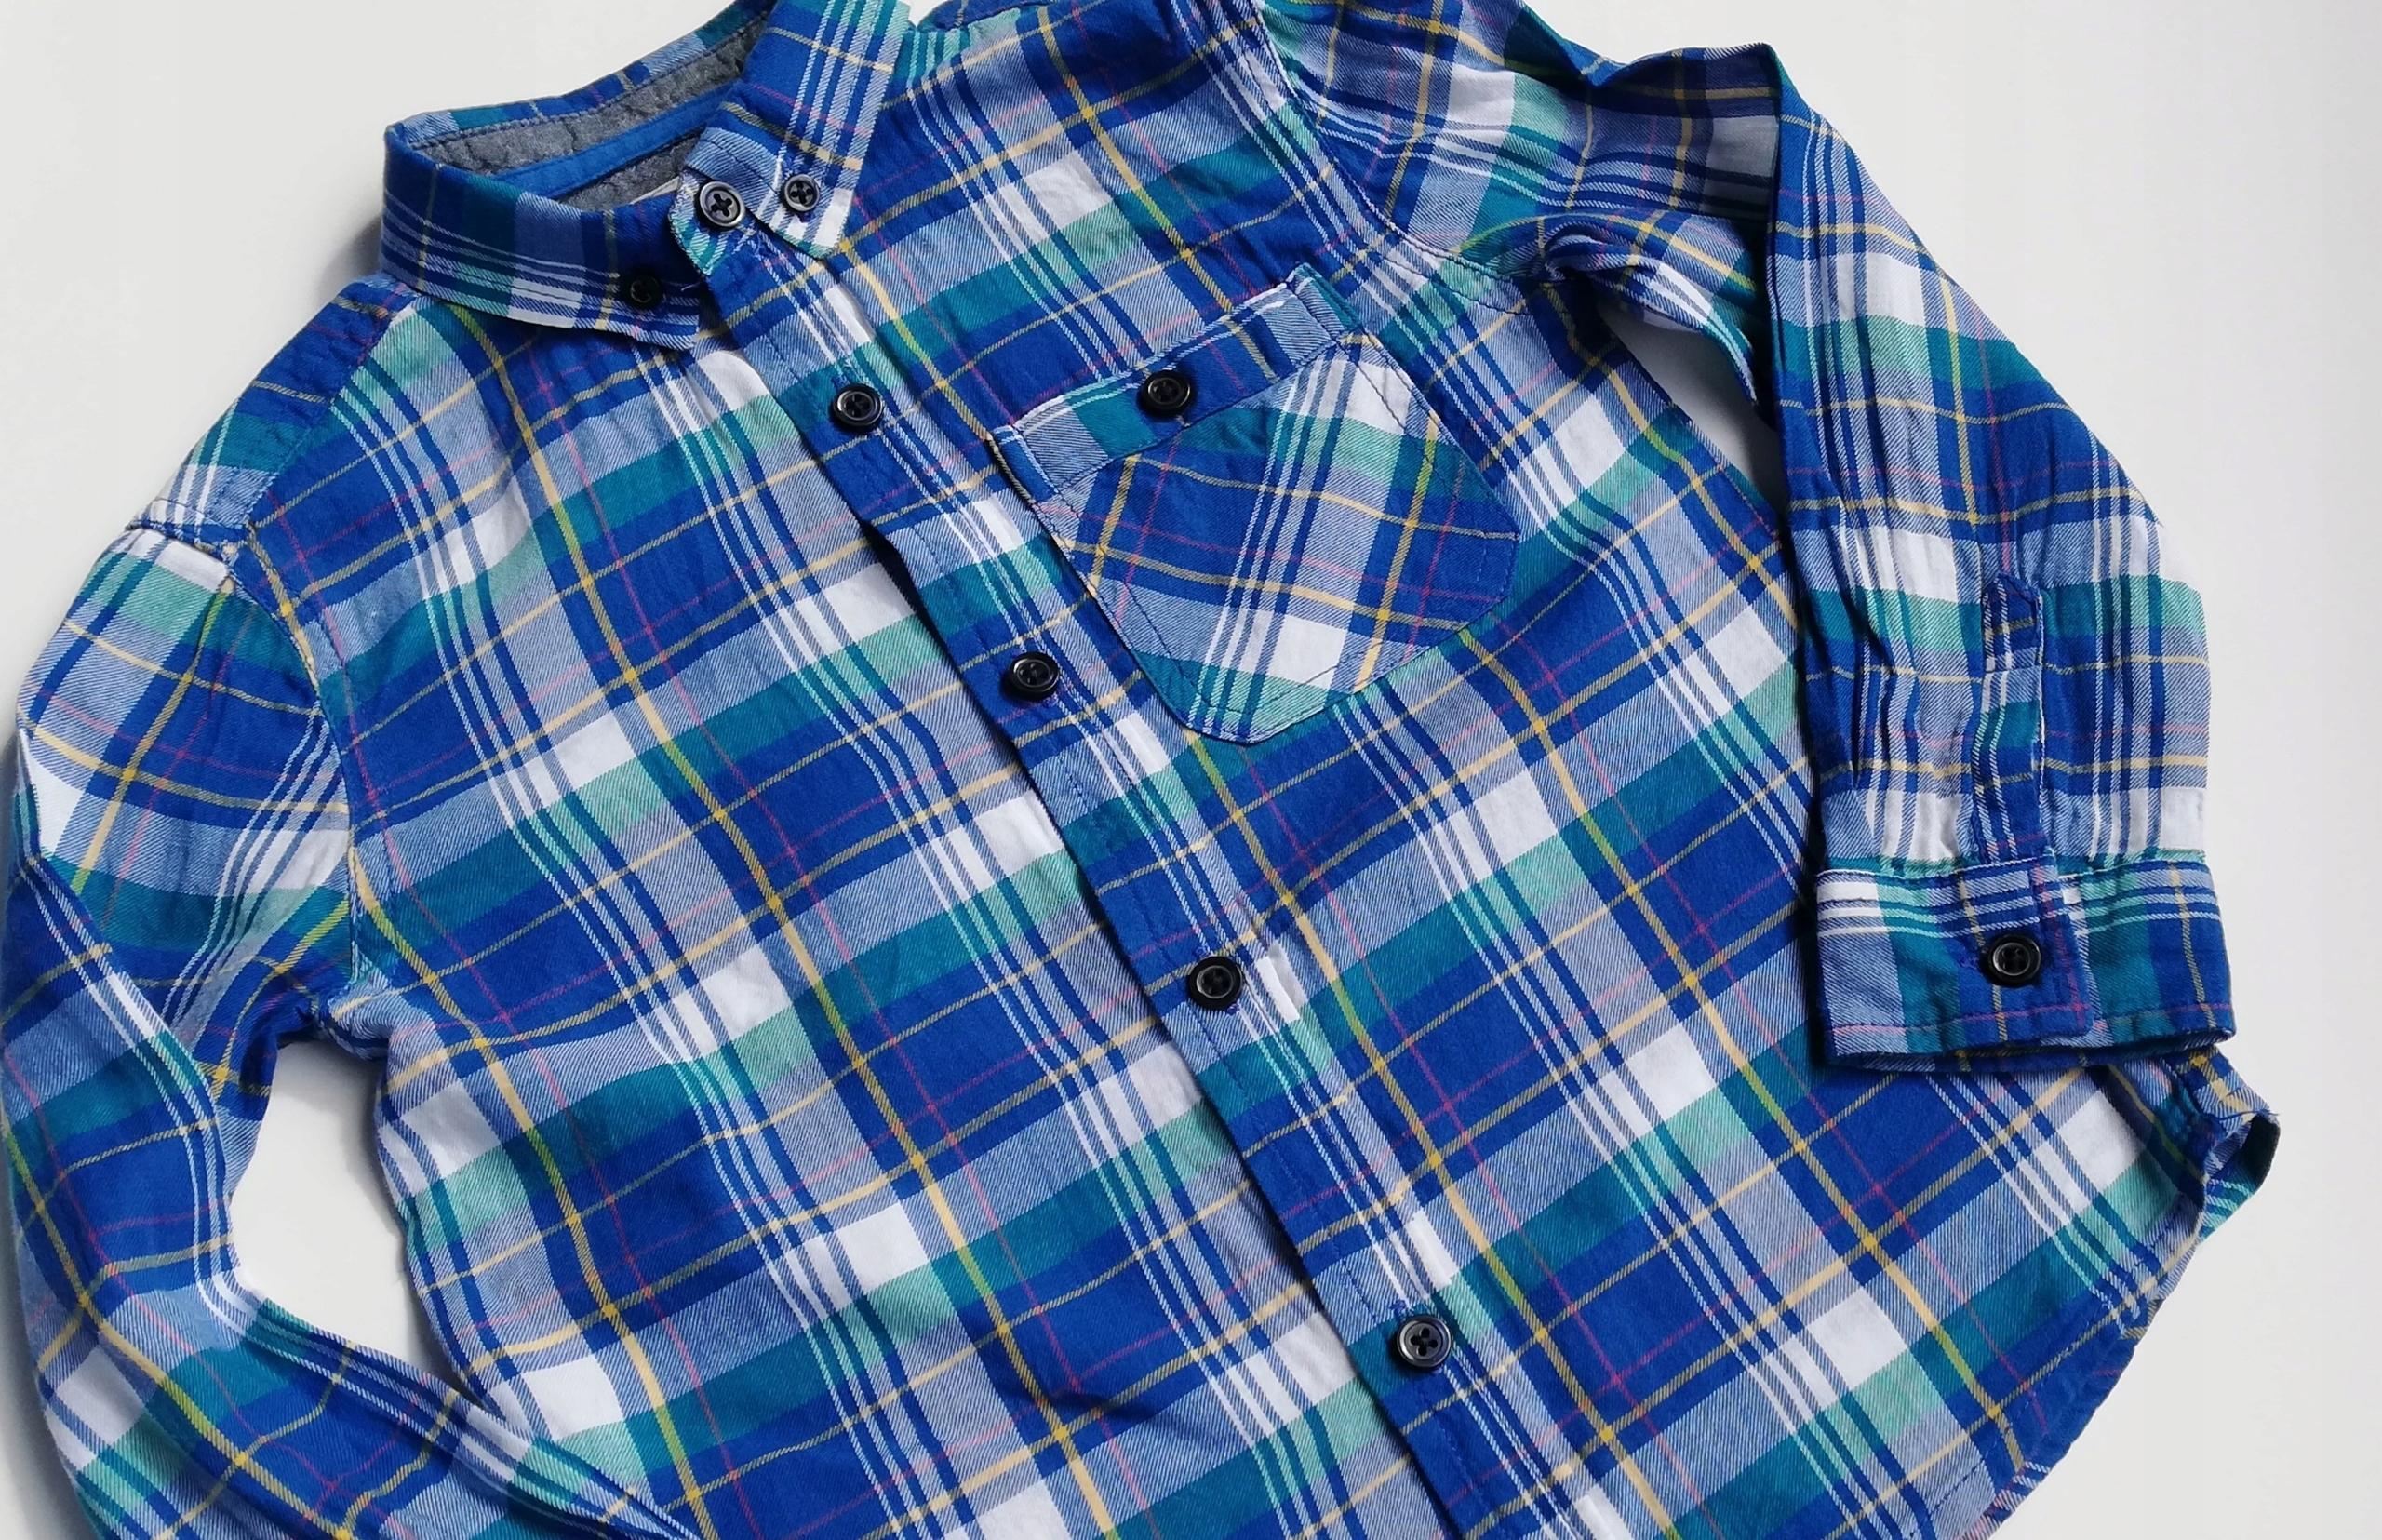 0083138c5 REBEL koszula w kratę długi rękaw 116 - 7545110804 - oficjalne ...